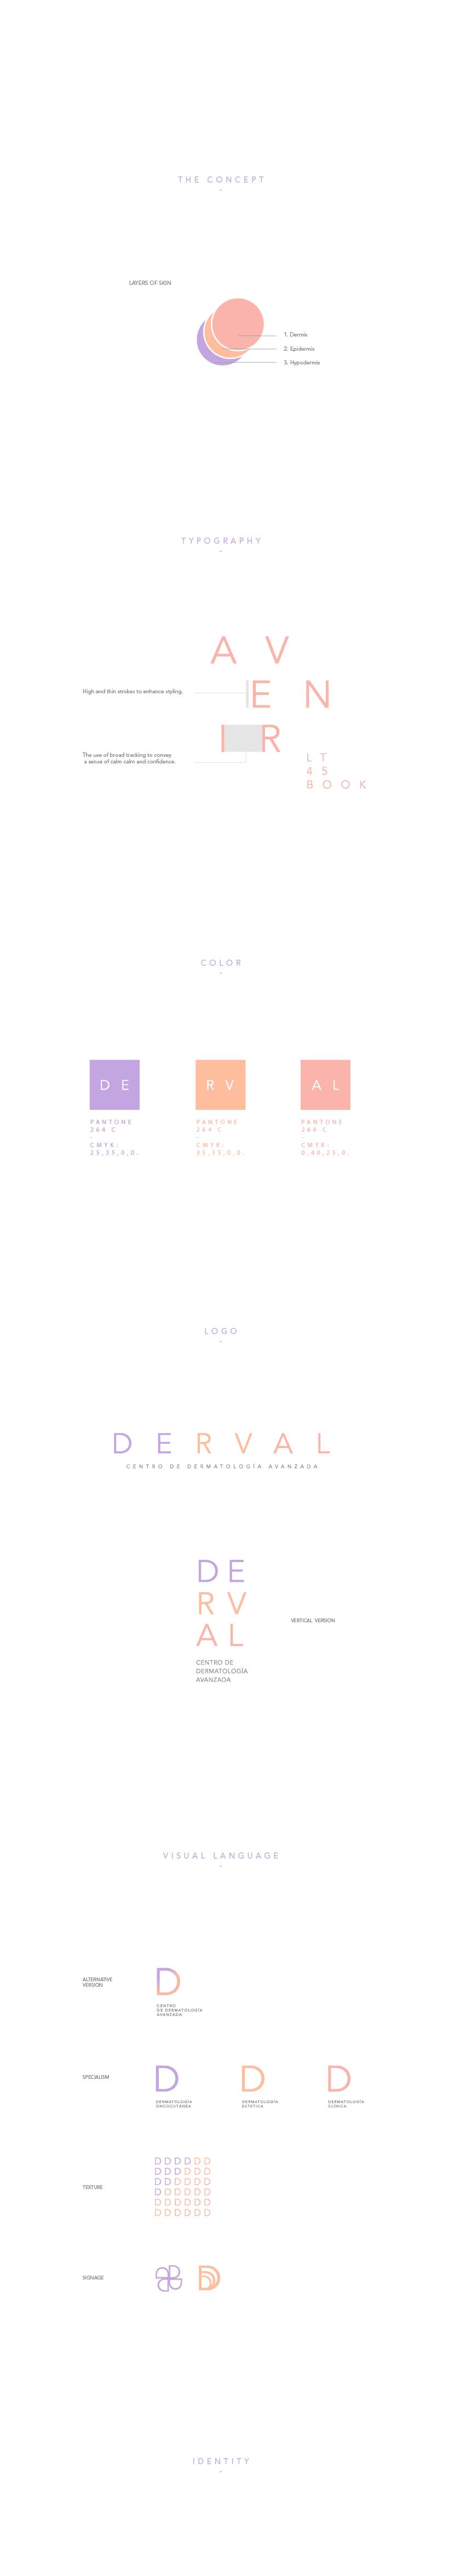 DERVAL 3